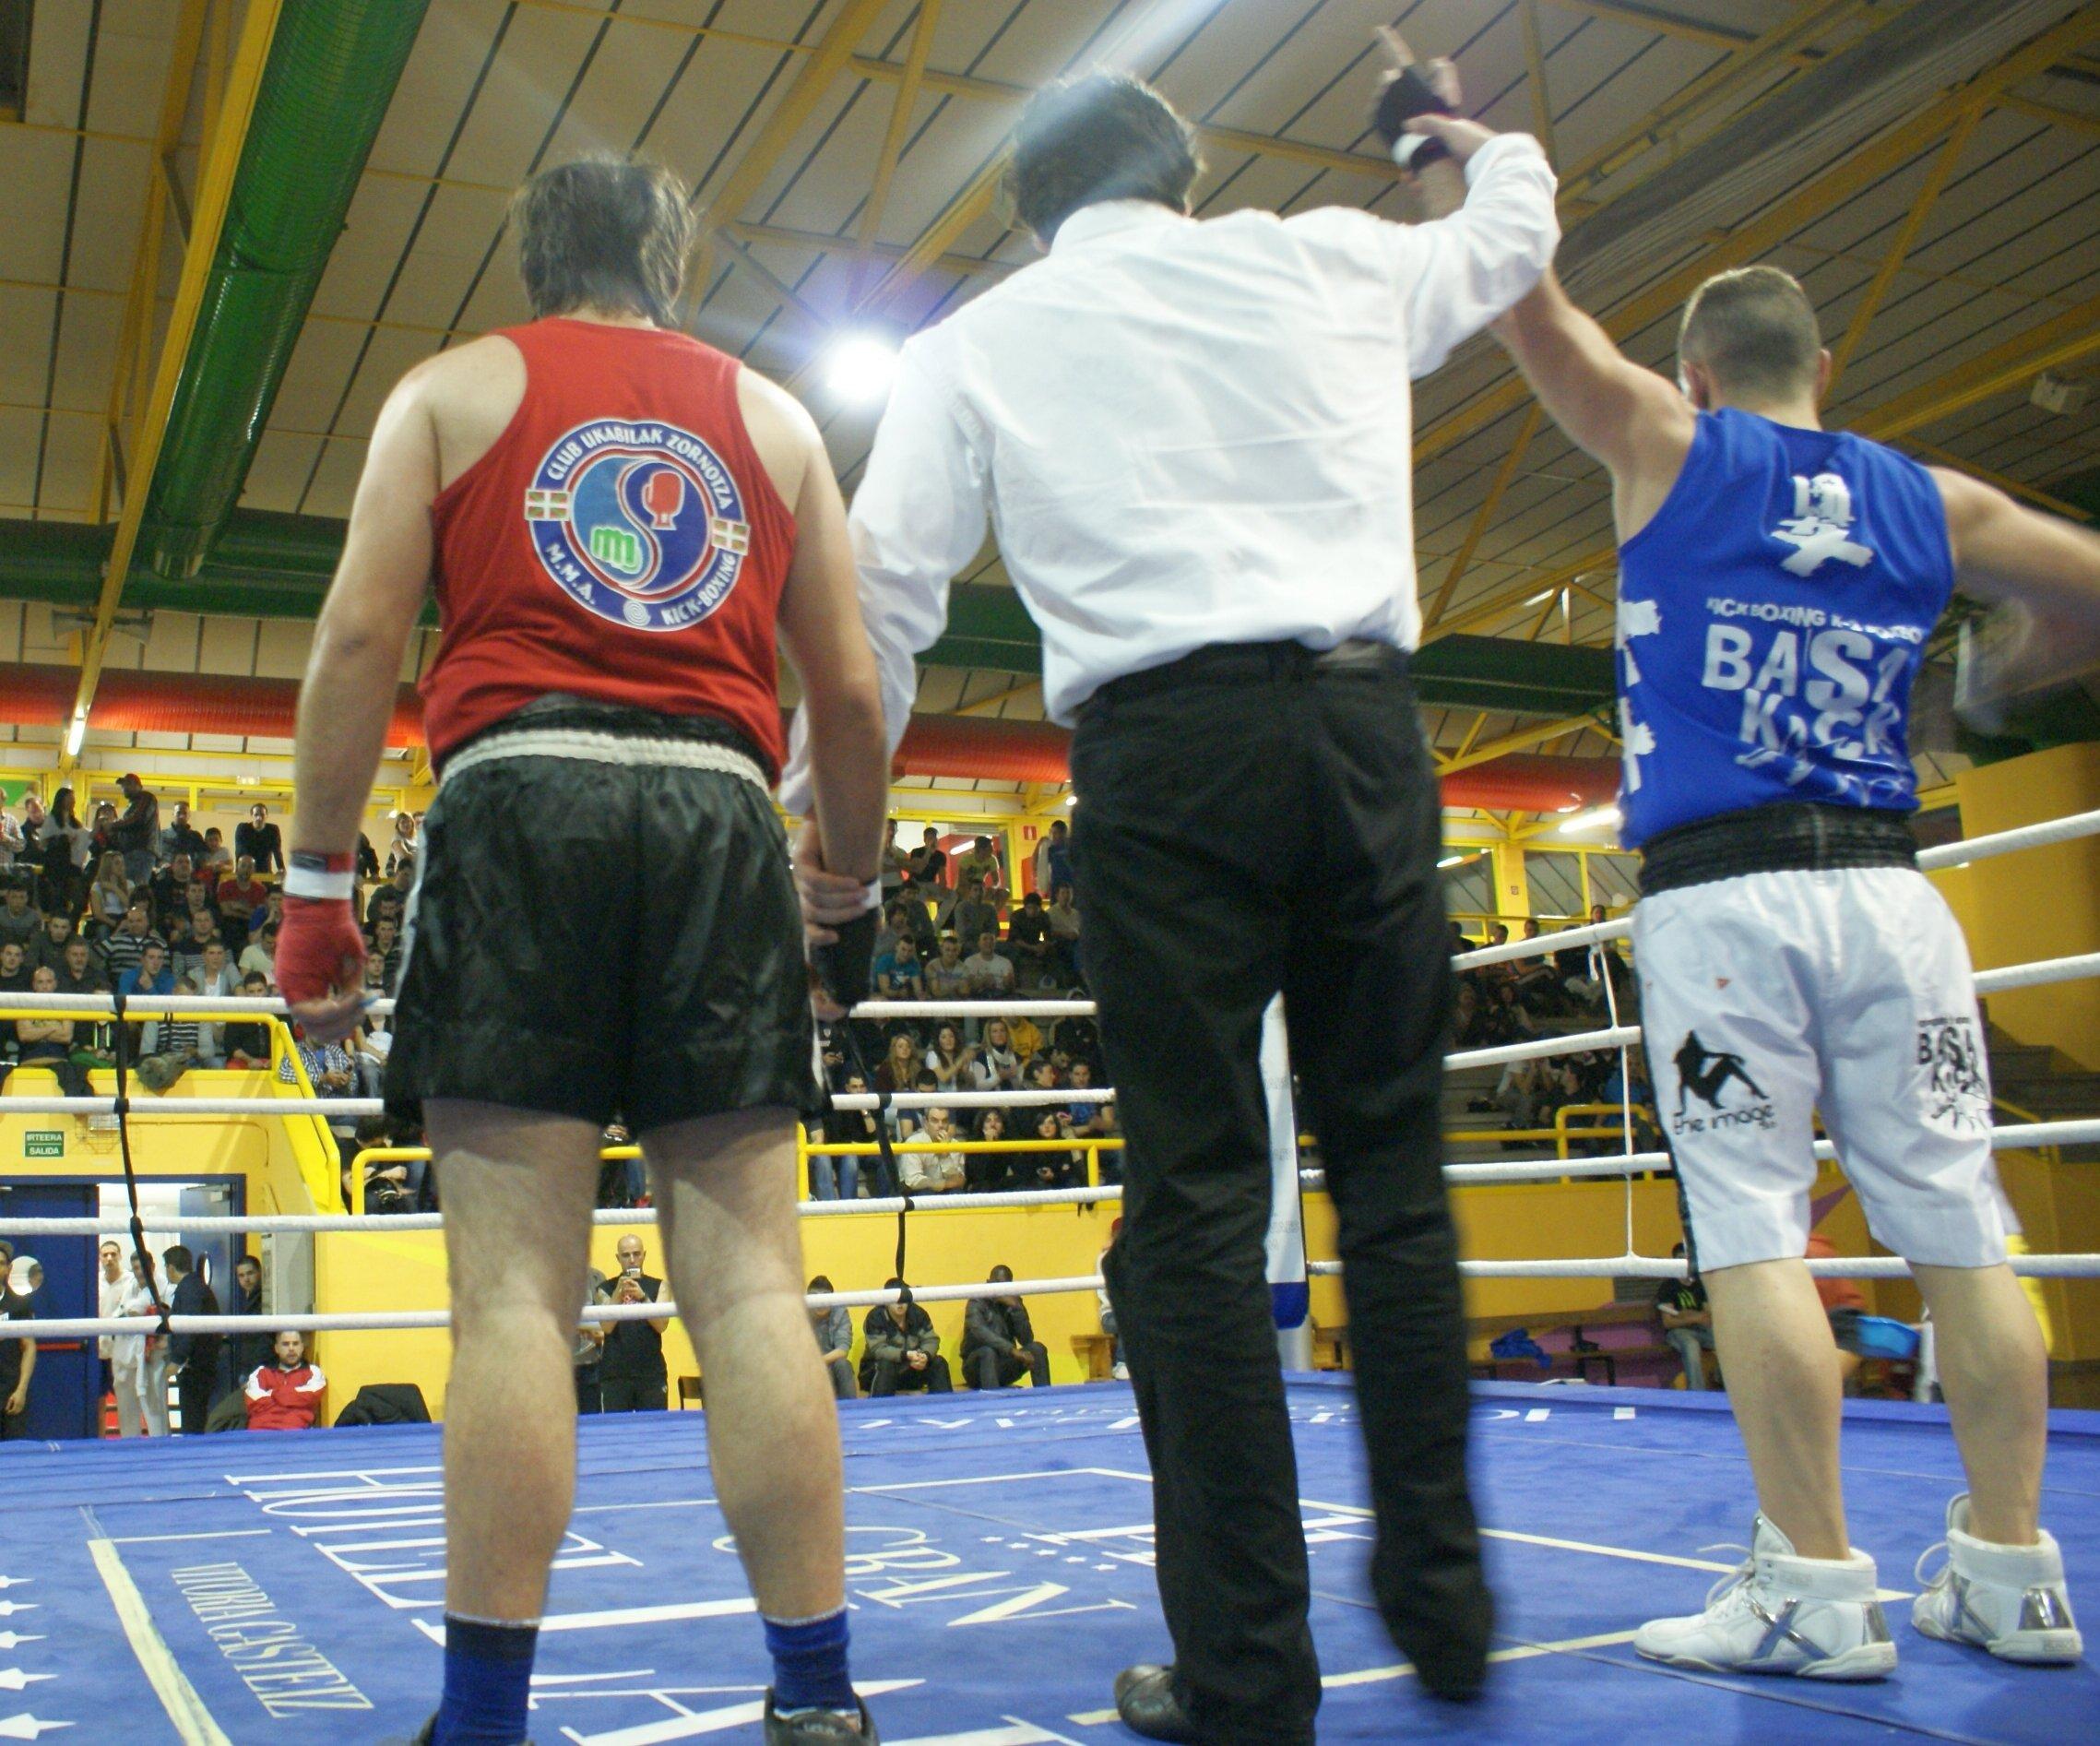 Combate de boxeo amateur en el polideportivo Txurdinaga de Bilbao